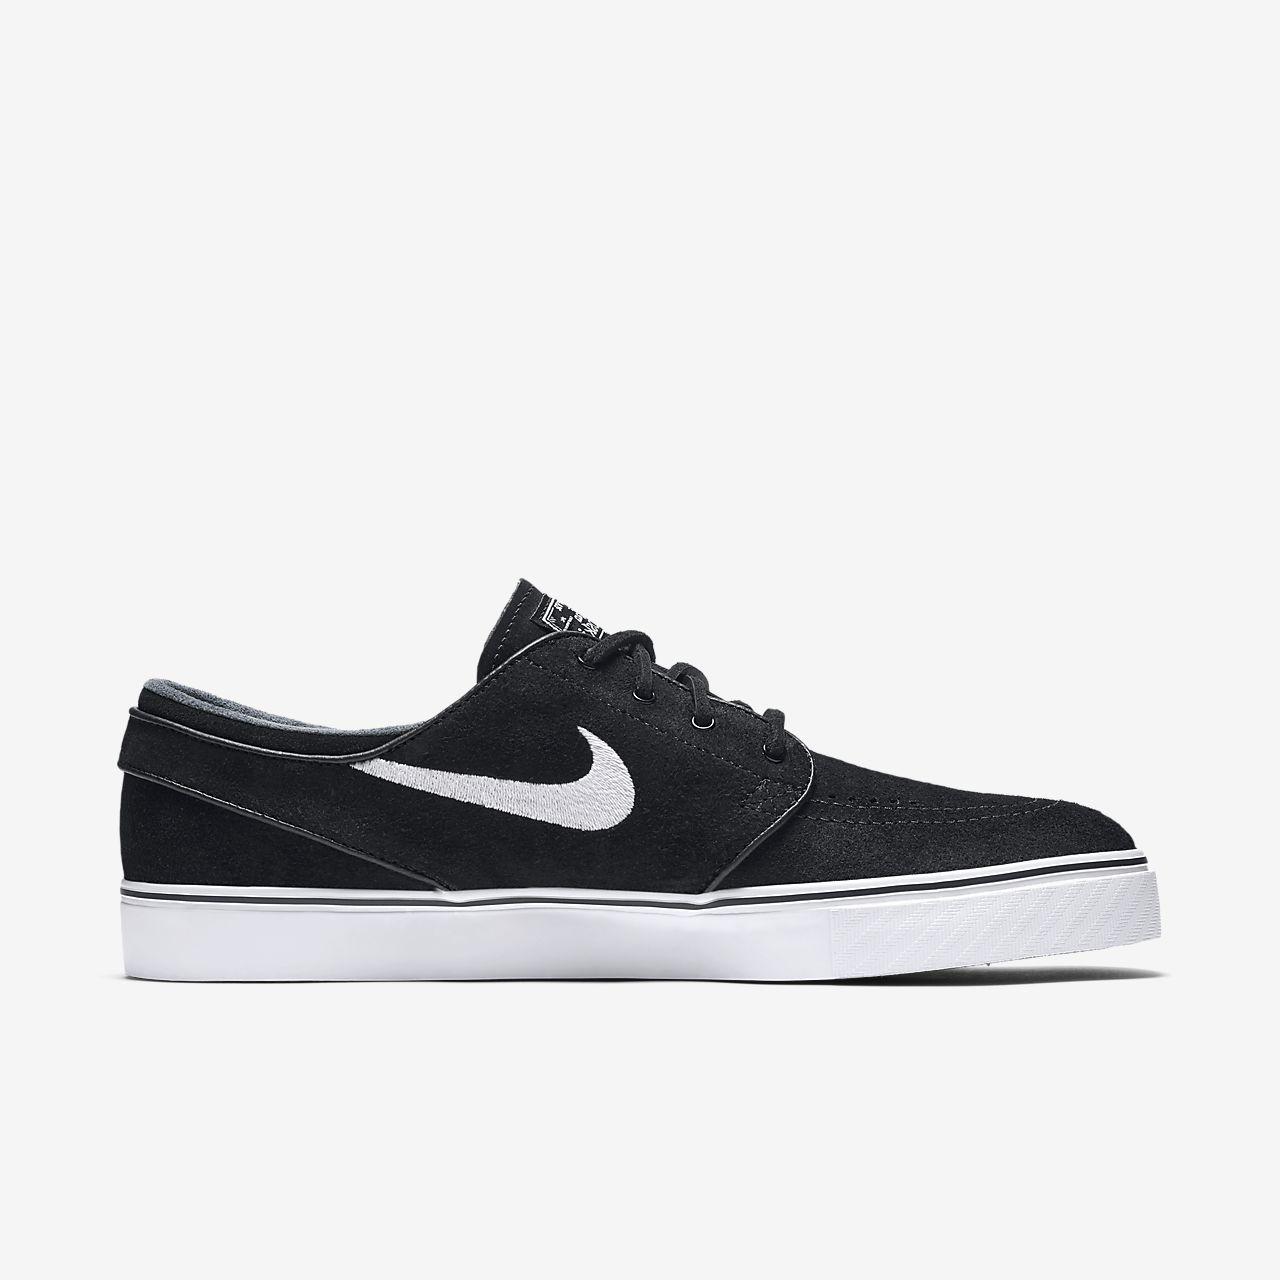 ... Nike SB Zoom Stefan Janoski OG Men's Skateboarding Shoe